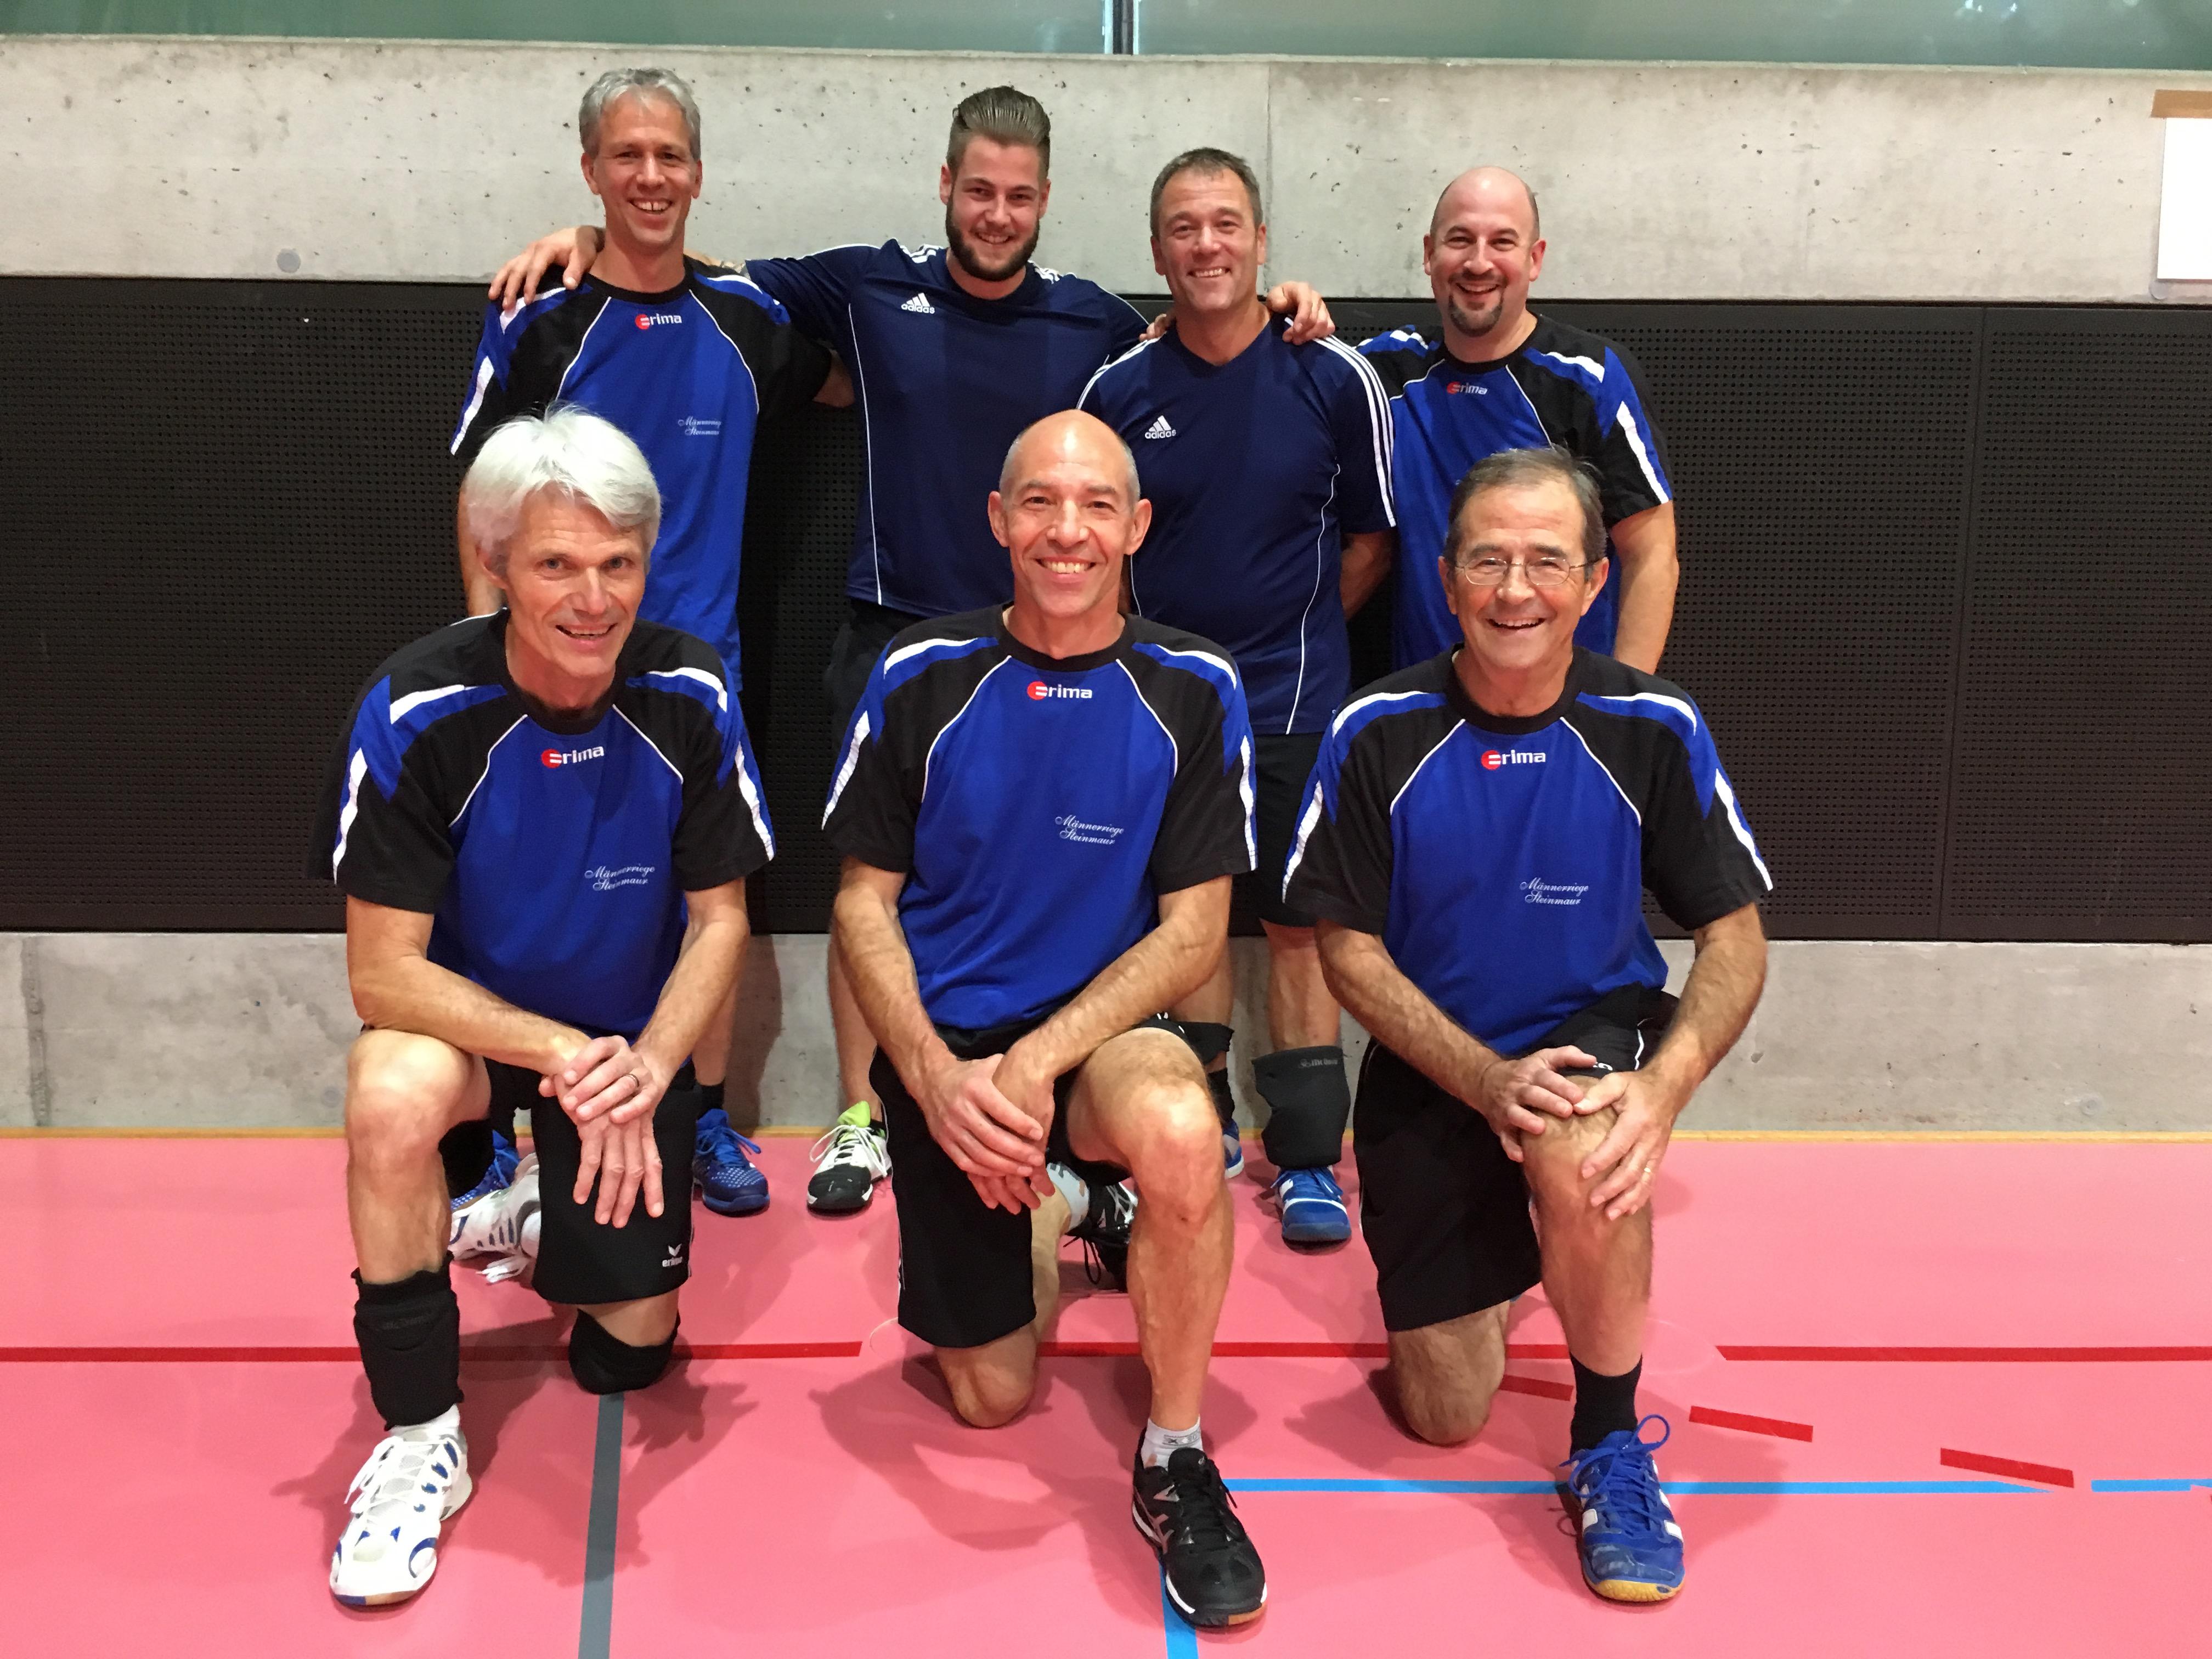 Plausch-Volleyballturnier Männedorf 28. Oktober. 2018